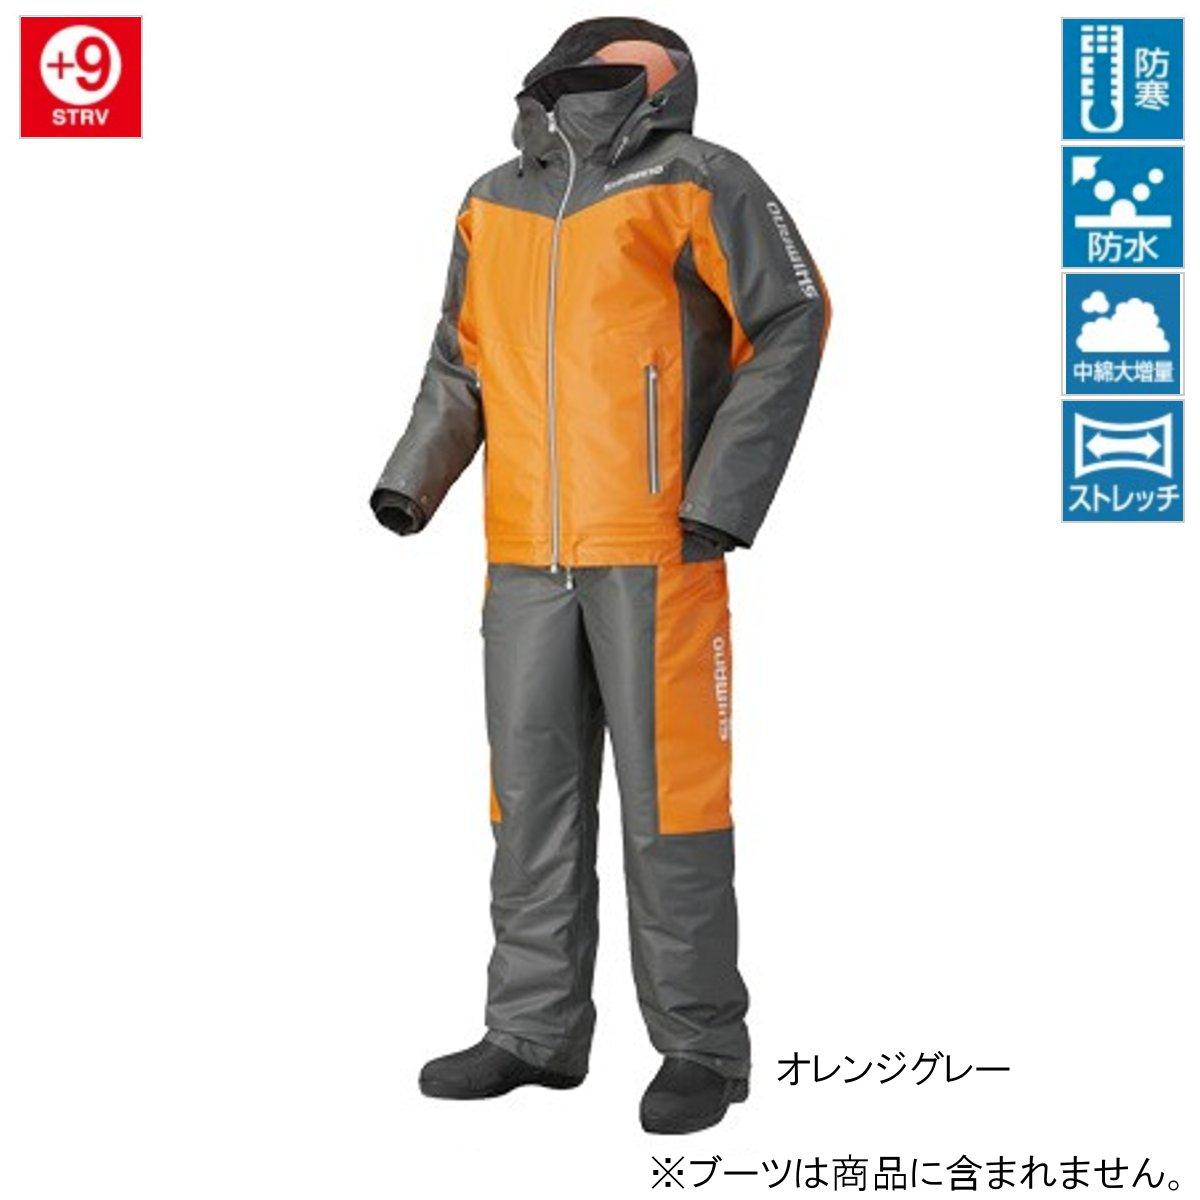 シマノ マリンコールドウェザースーツ EX RB-035N 2XL オレンジグレー(東日本店)